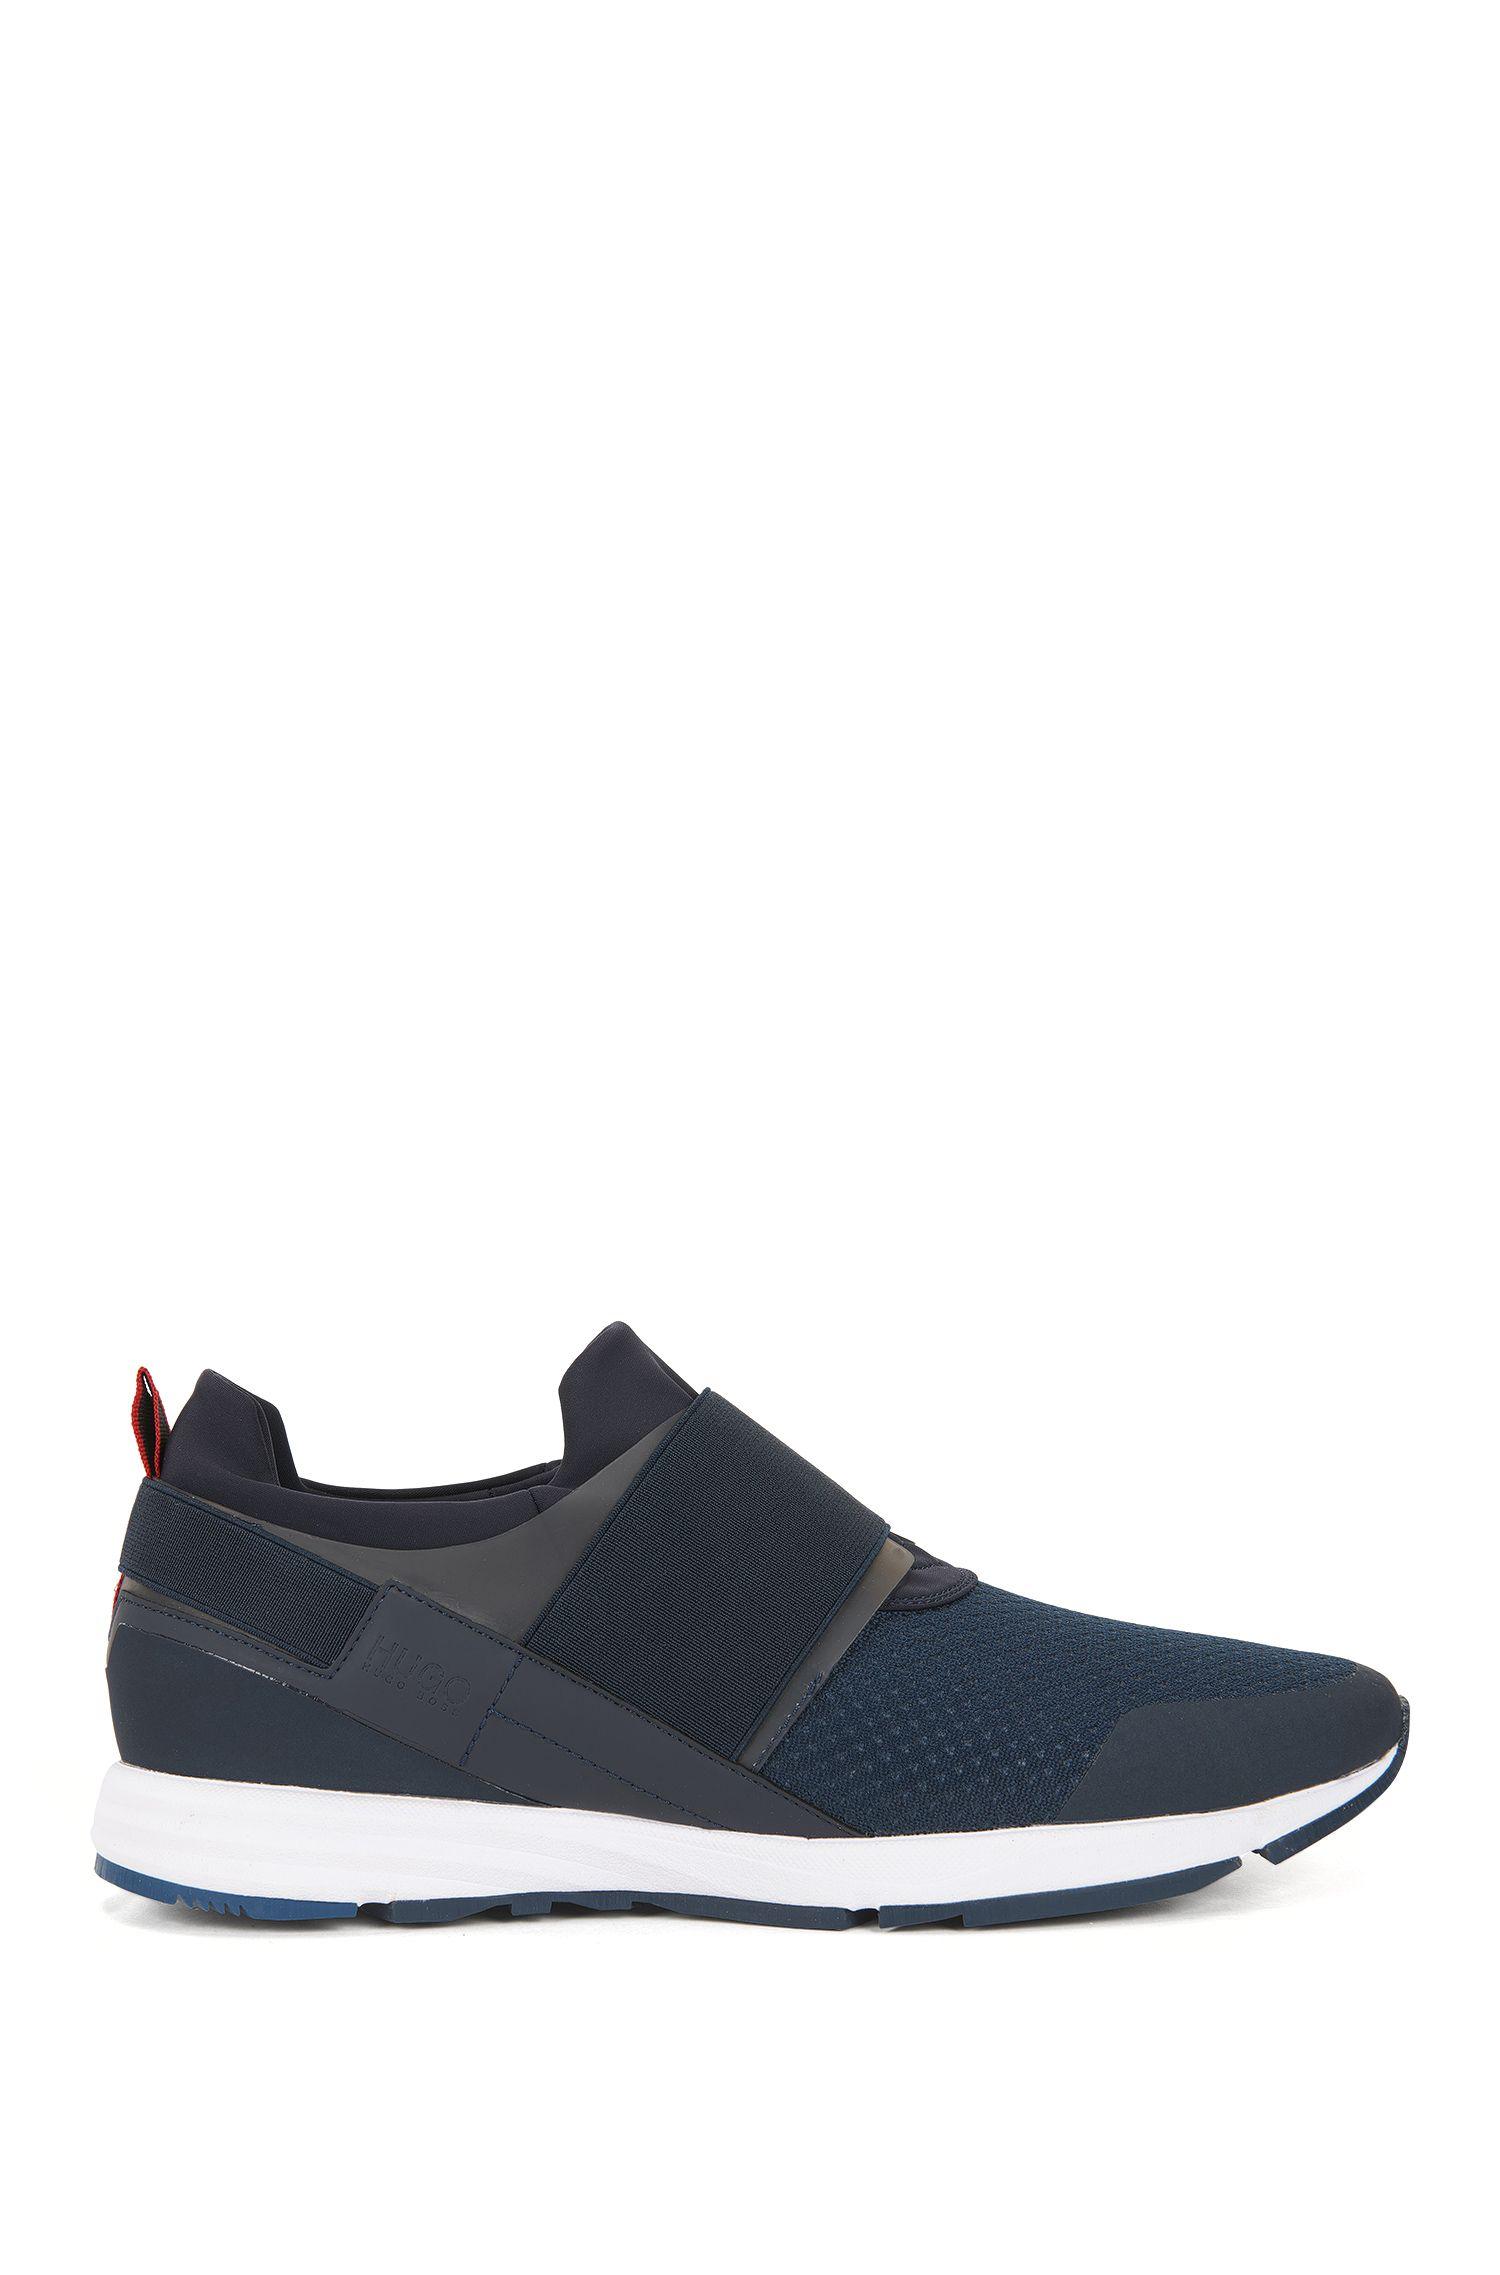 Neoprene Sneaker | Hybrid Runn Knel